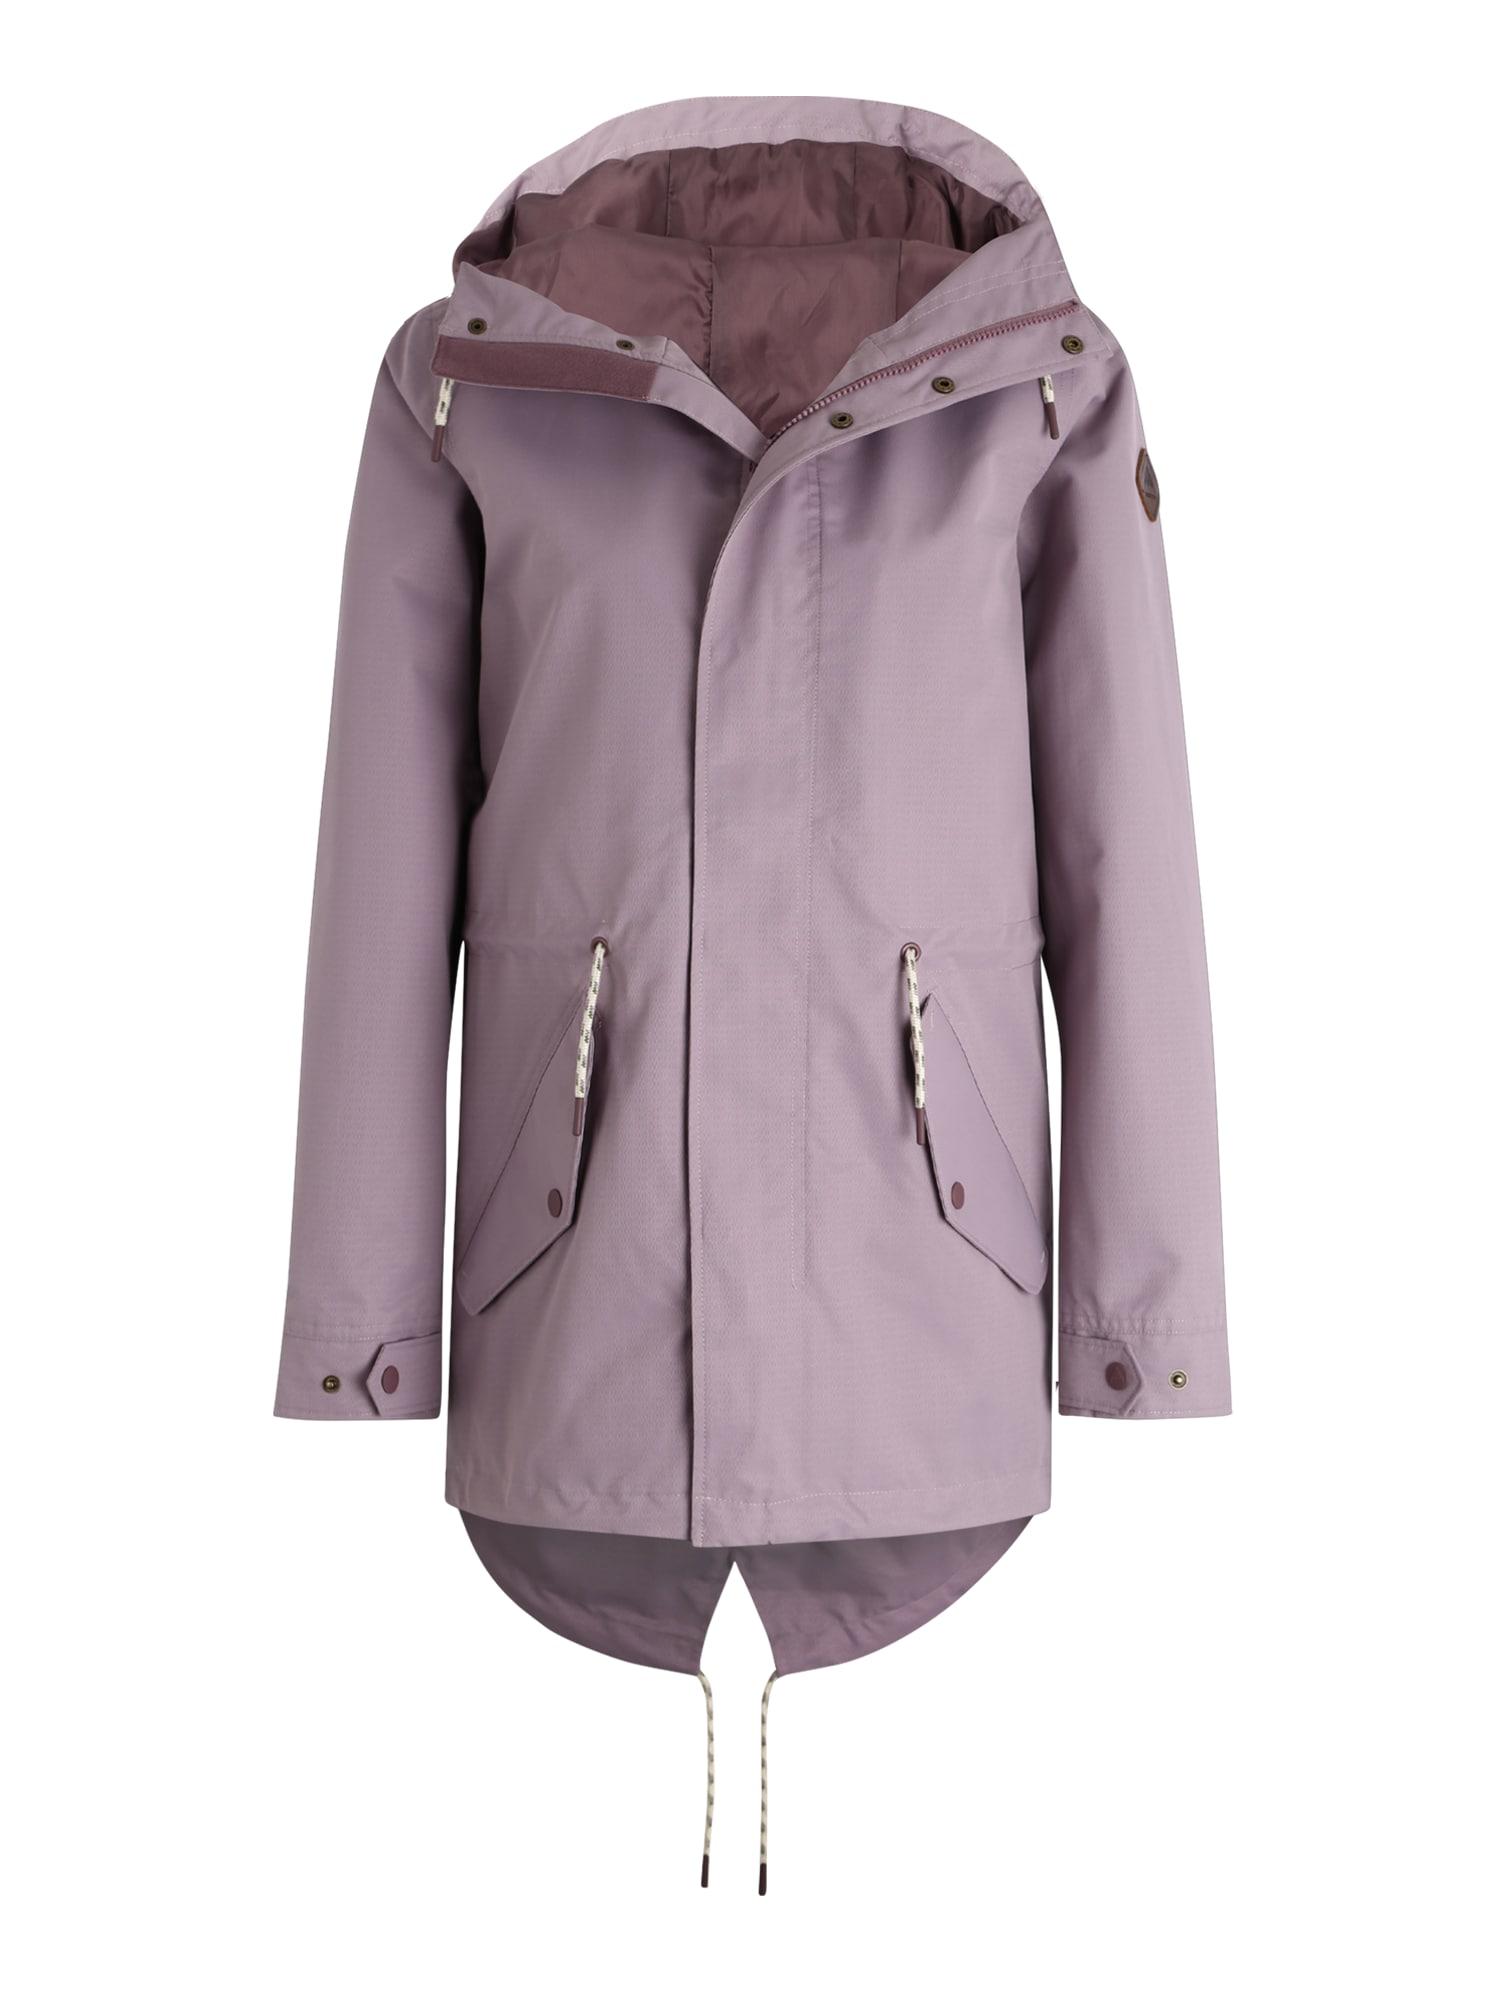 Outdoorový kabát SADIE šeříková BURTON